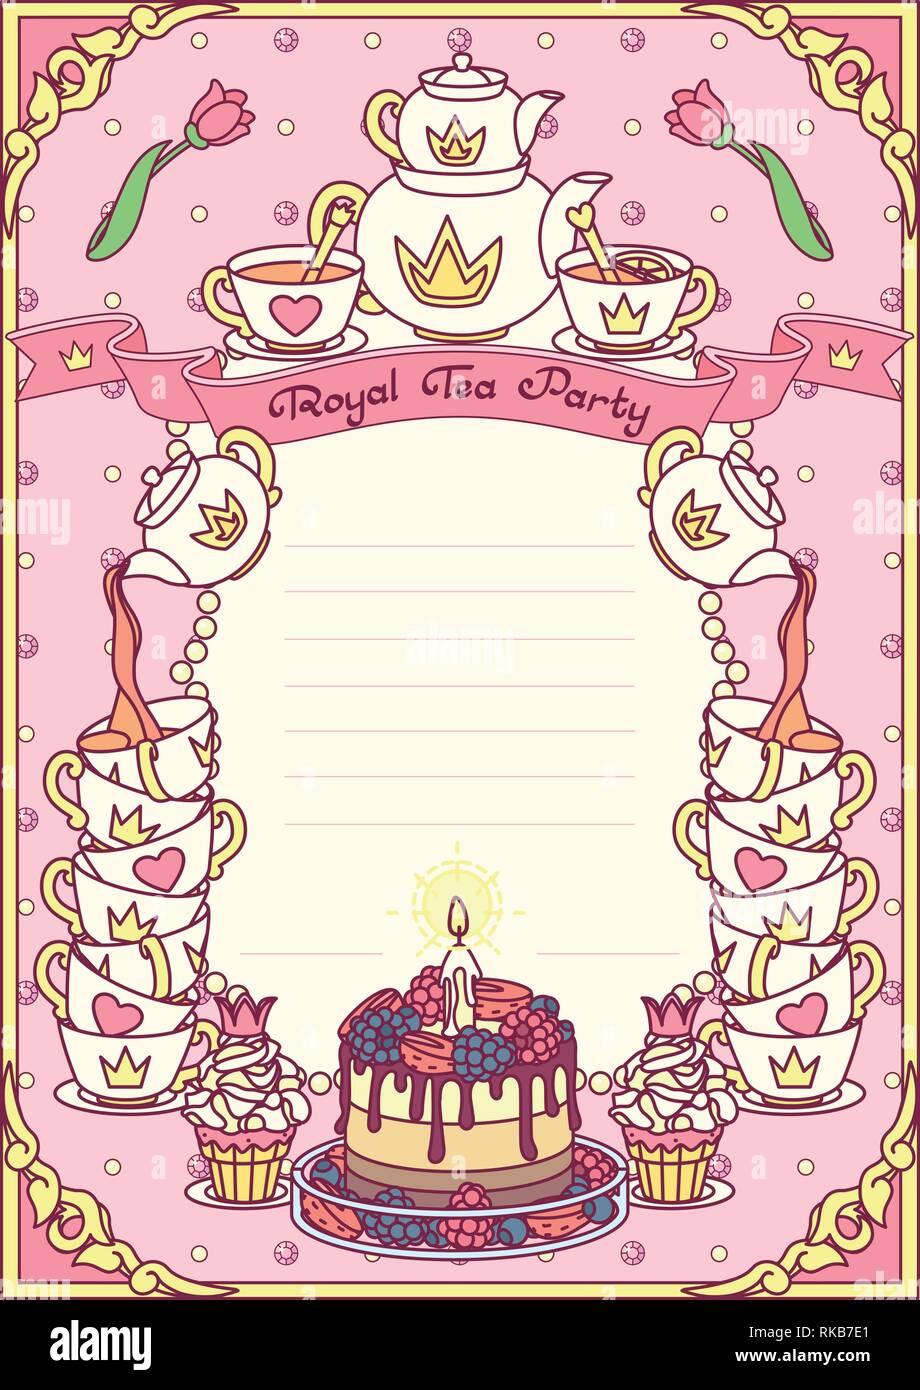 vector Royal tea party invitation template concept Stock Vector